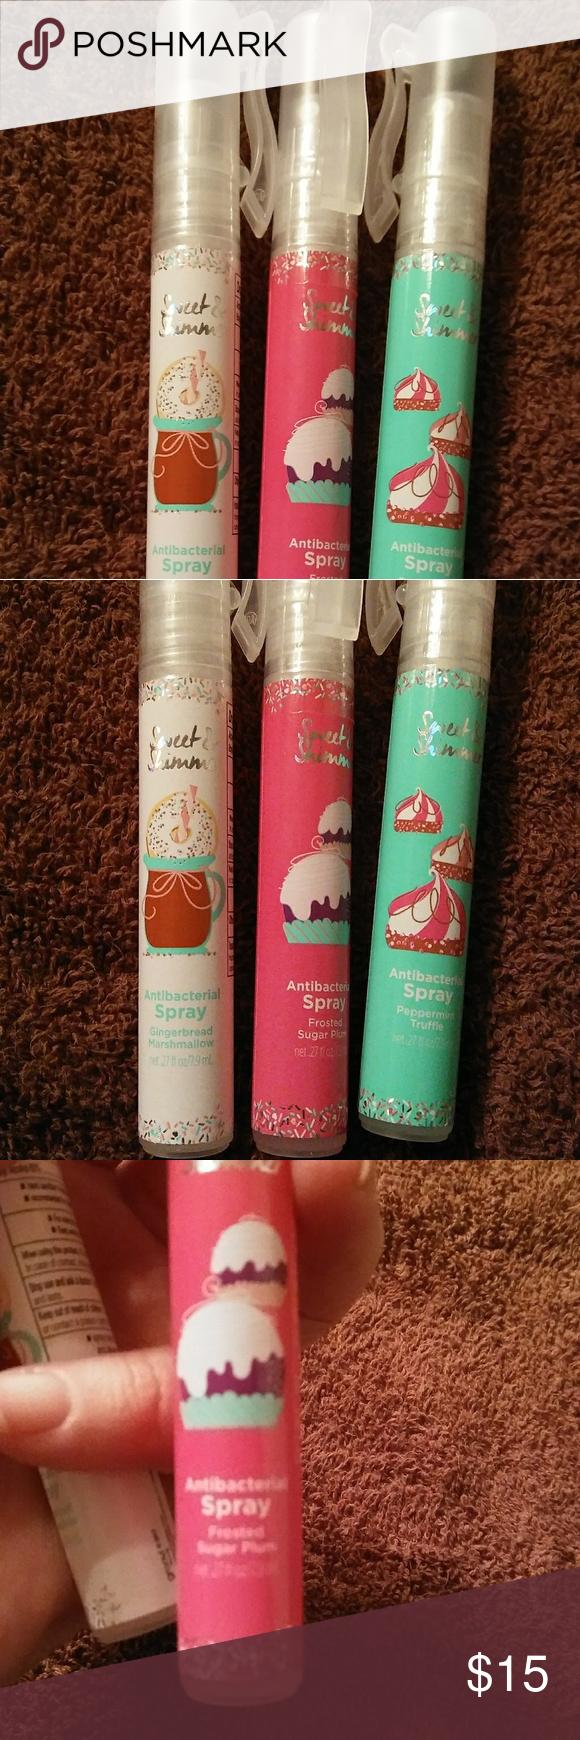 Antibacterial Spray Bundle NWT...3pk. aromatic holiday